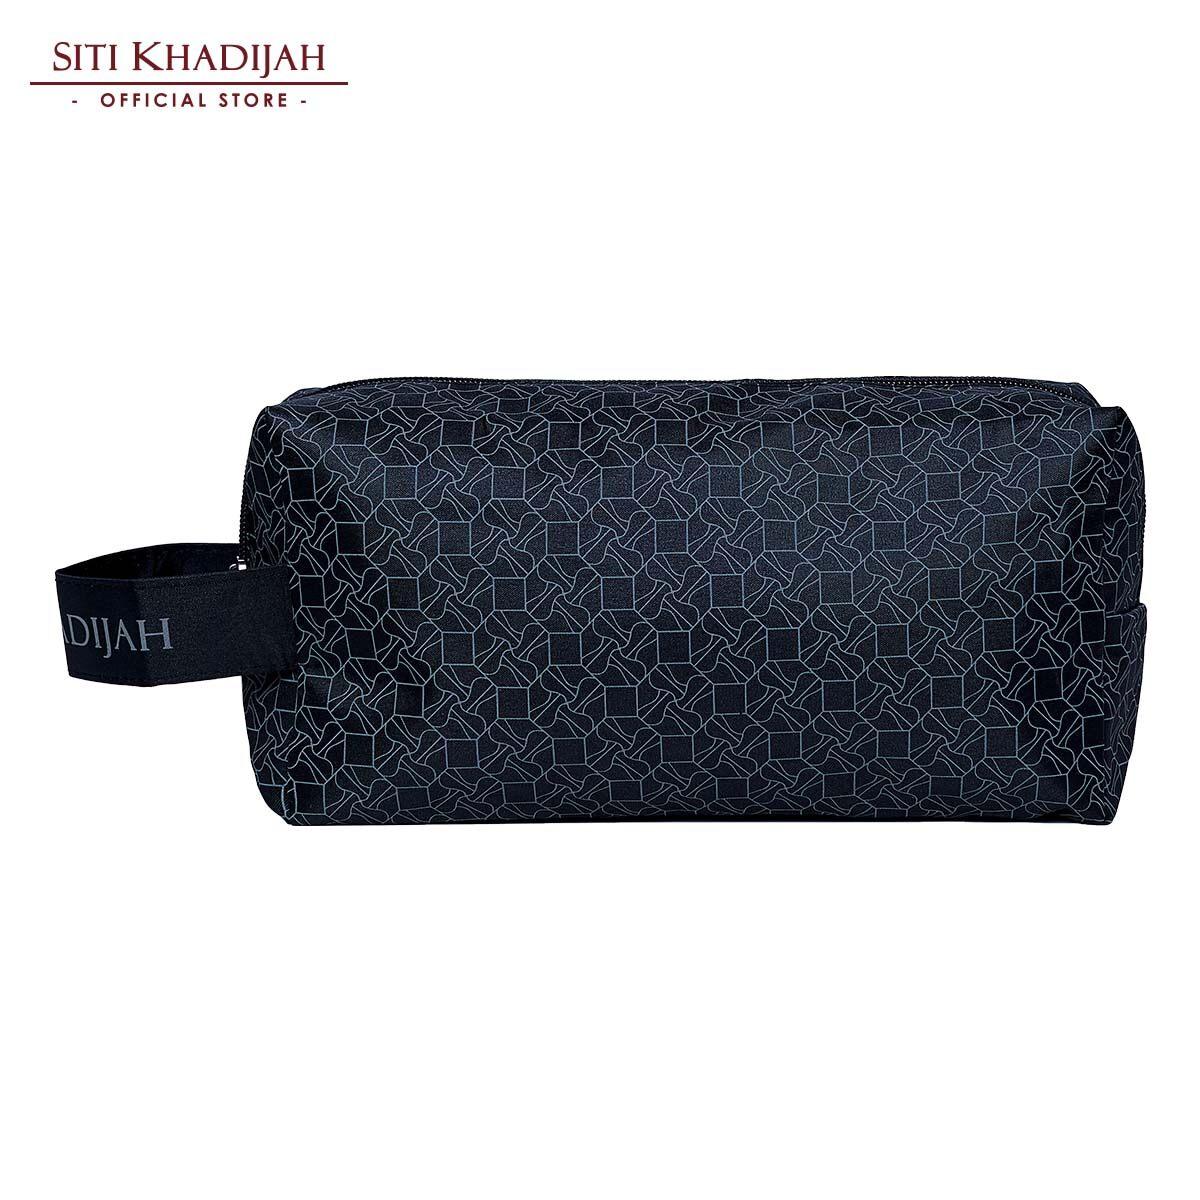 Siti Khadijah Pouch Bag SK2020 in Black